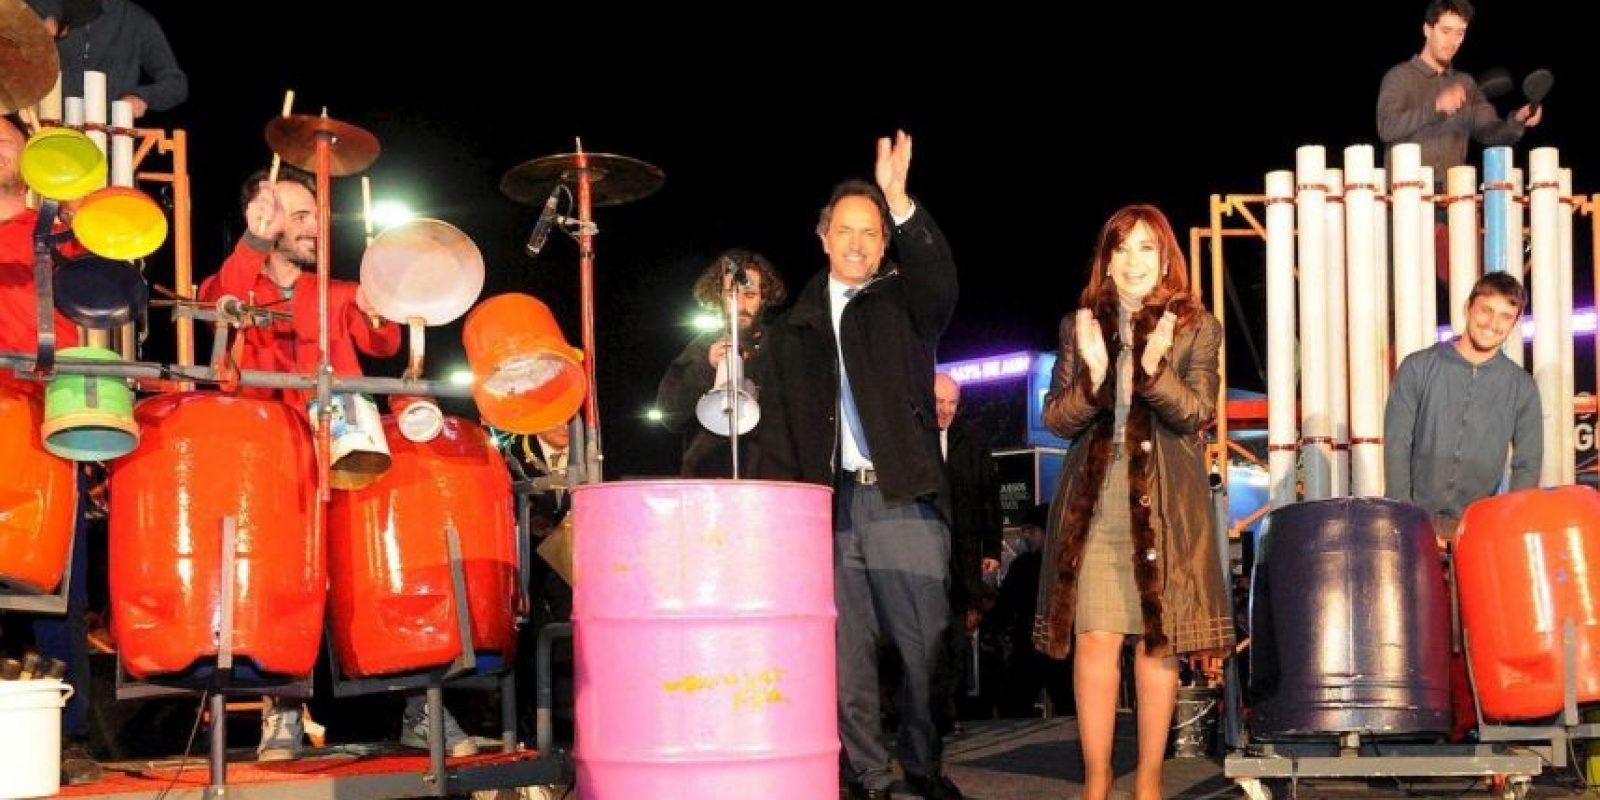 Es el único precandidato del partido liderado por Cristina Fernández Foto:Facebook.com/danielsciolioficial